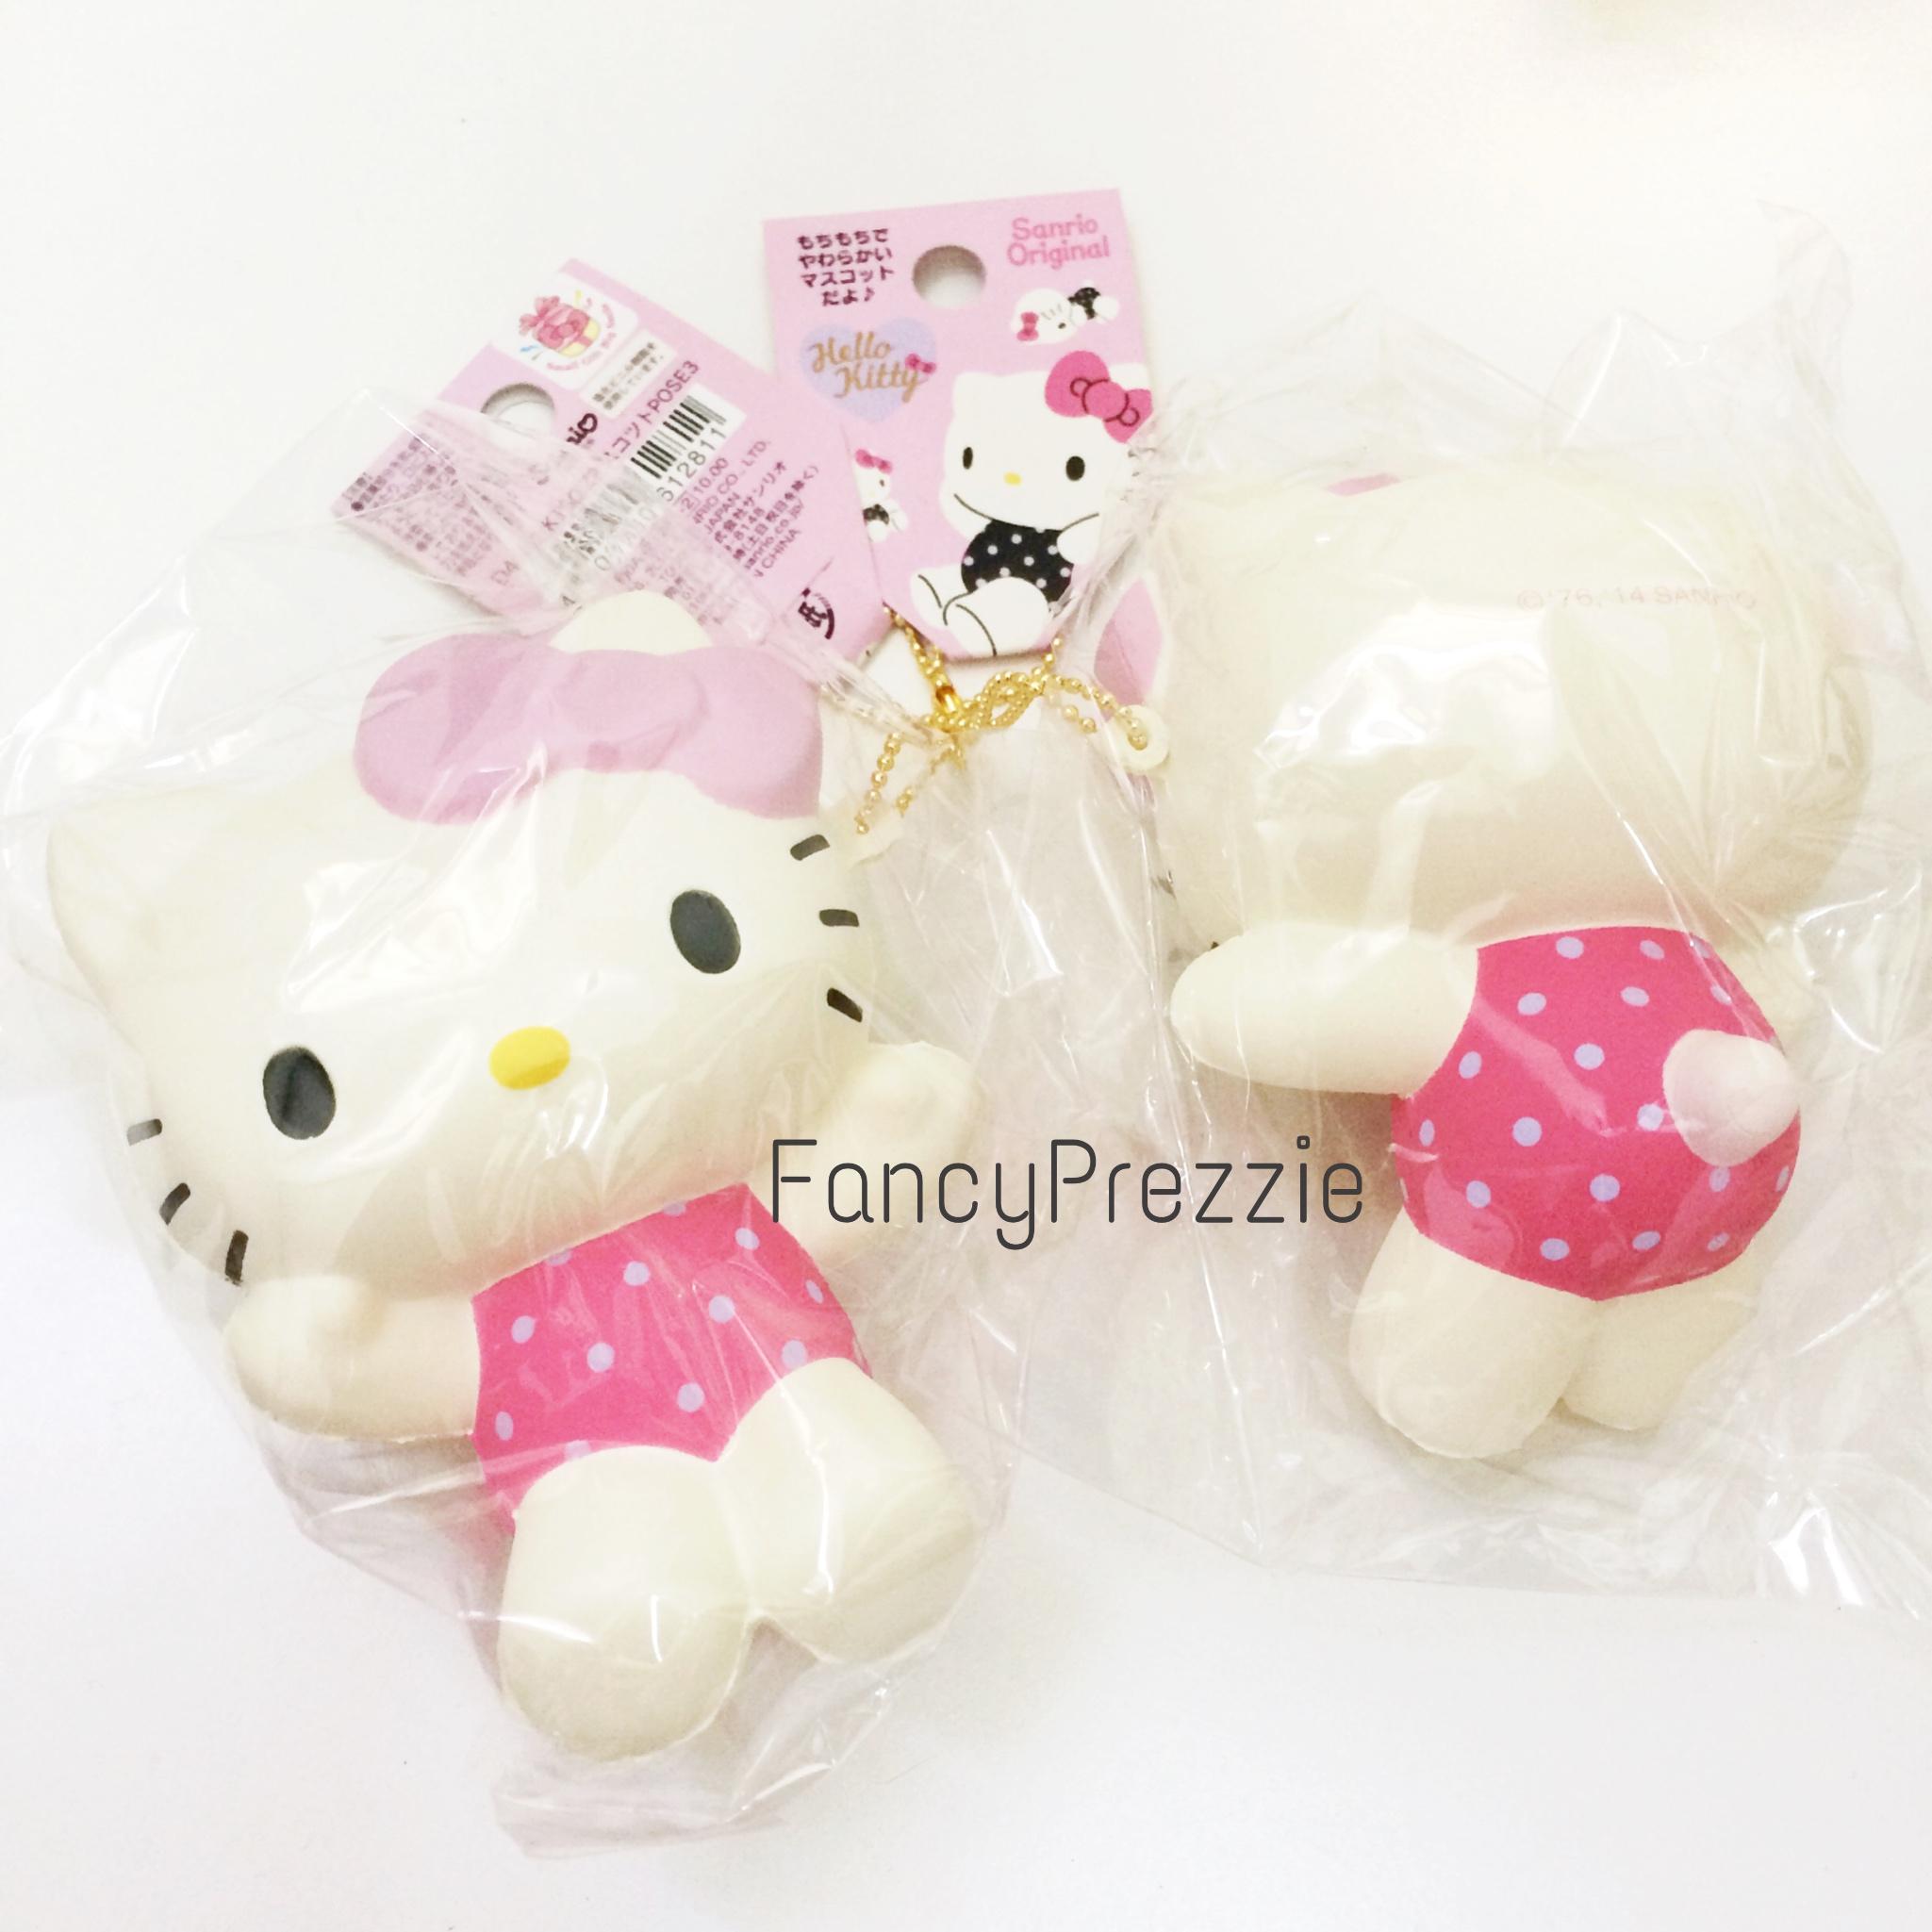 Squishy Sanrio Rare : Rare Jumbo Hello Kitty Mascot Squishy (Design A) ? FancyPrezzie ? Online Store Powered by Storenvy